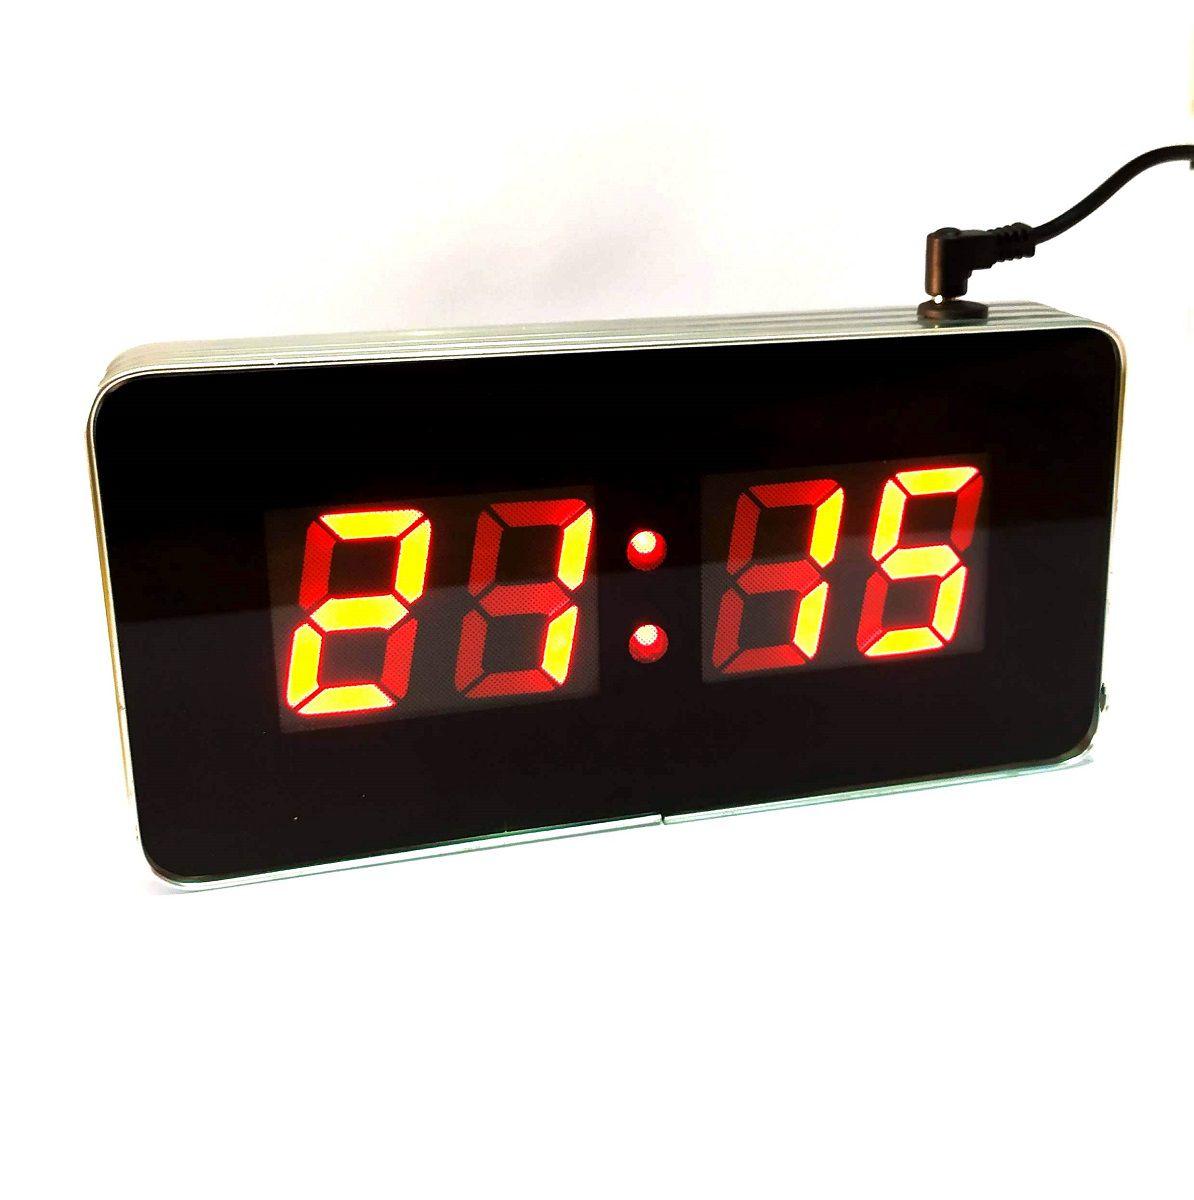 Relógio De Parede Médio Digital Led Hora Luatek Lk-1018